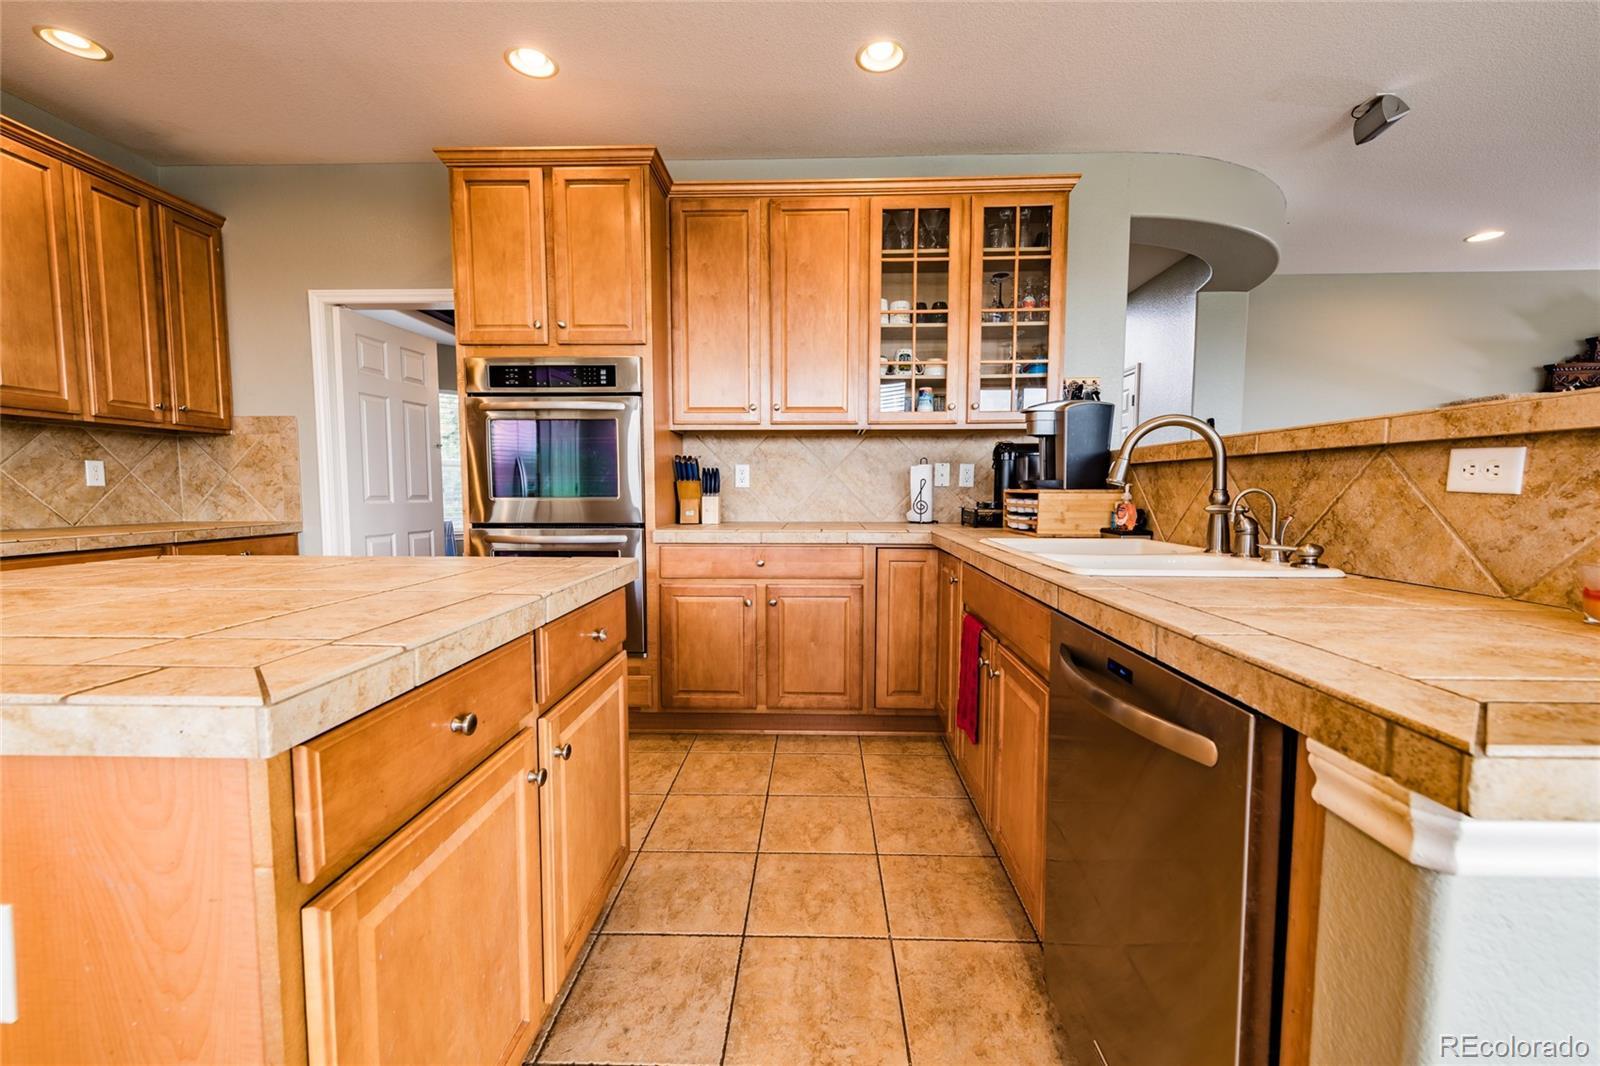 MLS# 1504228 - 9 - 1117 Titanite Place, Castle Rock, CO 80108